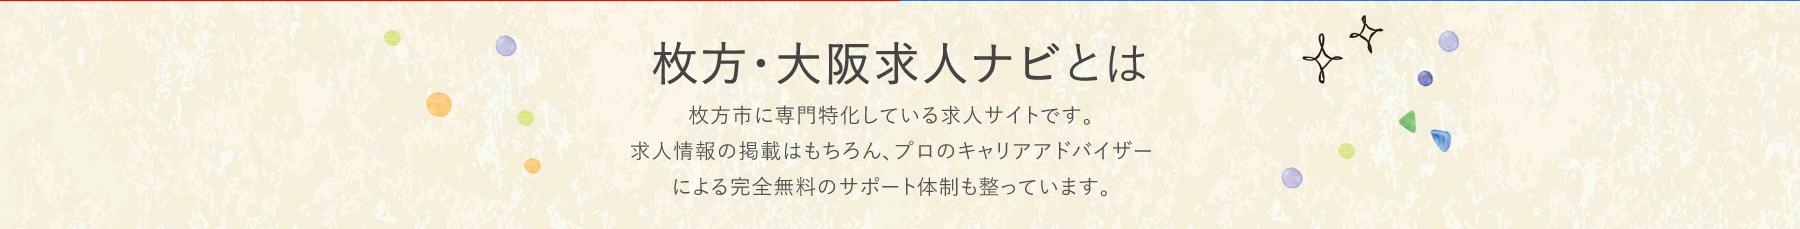 枚方・大阪求人ナビとは 牧方市に専門特化している求人サイトです。求人情報の掲載はもちろん、プロのキャリアアドバイザーによる完全無料のサポート体制も整っています。